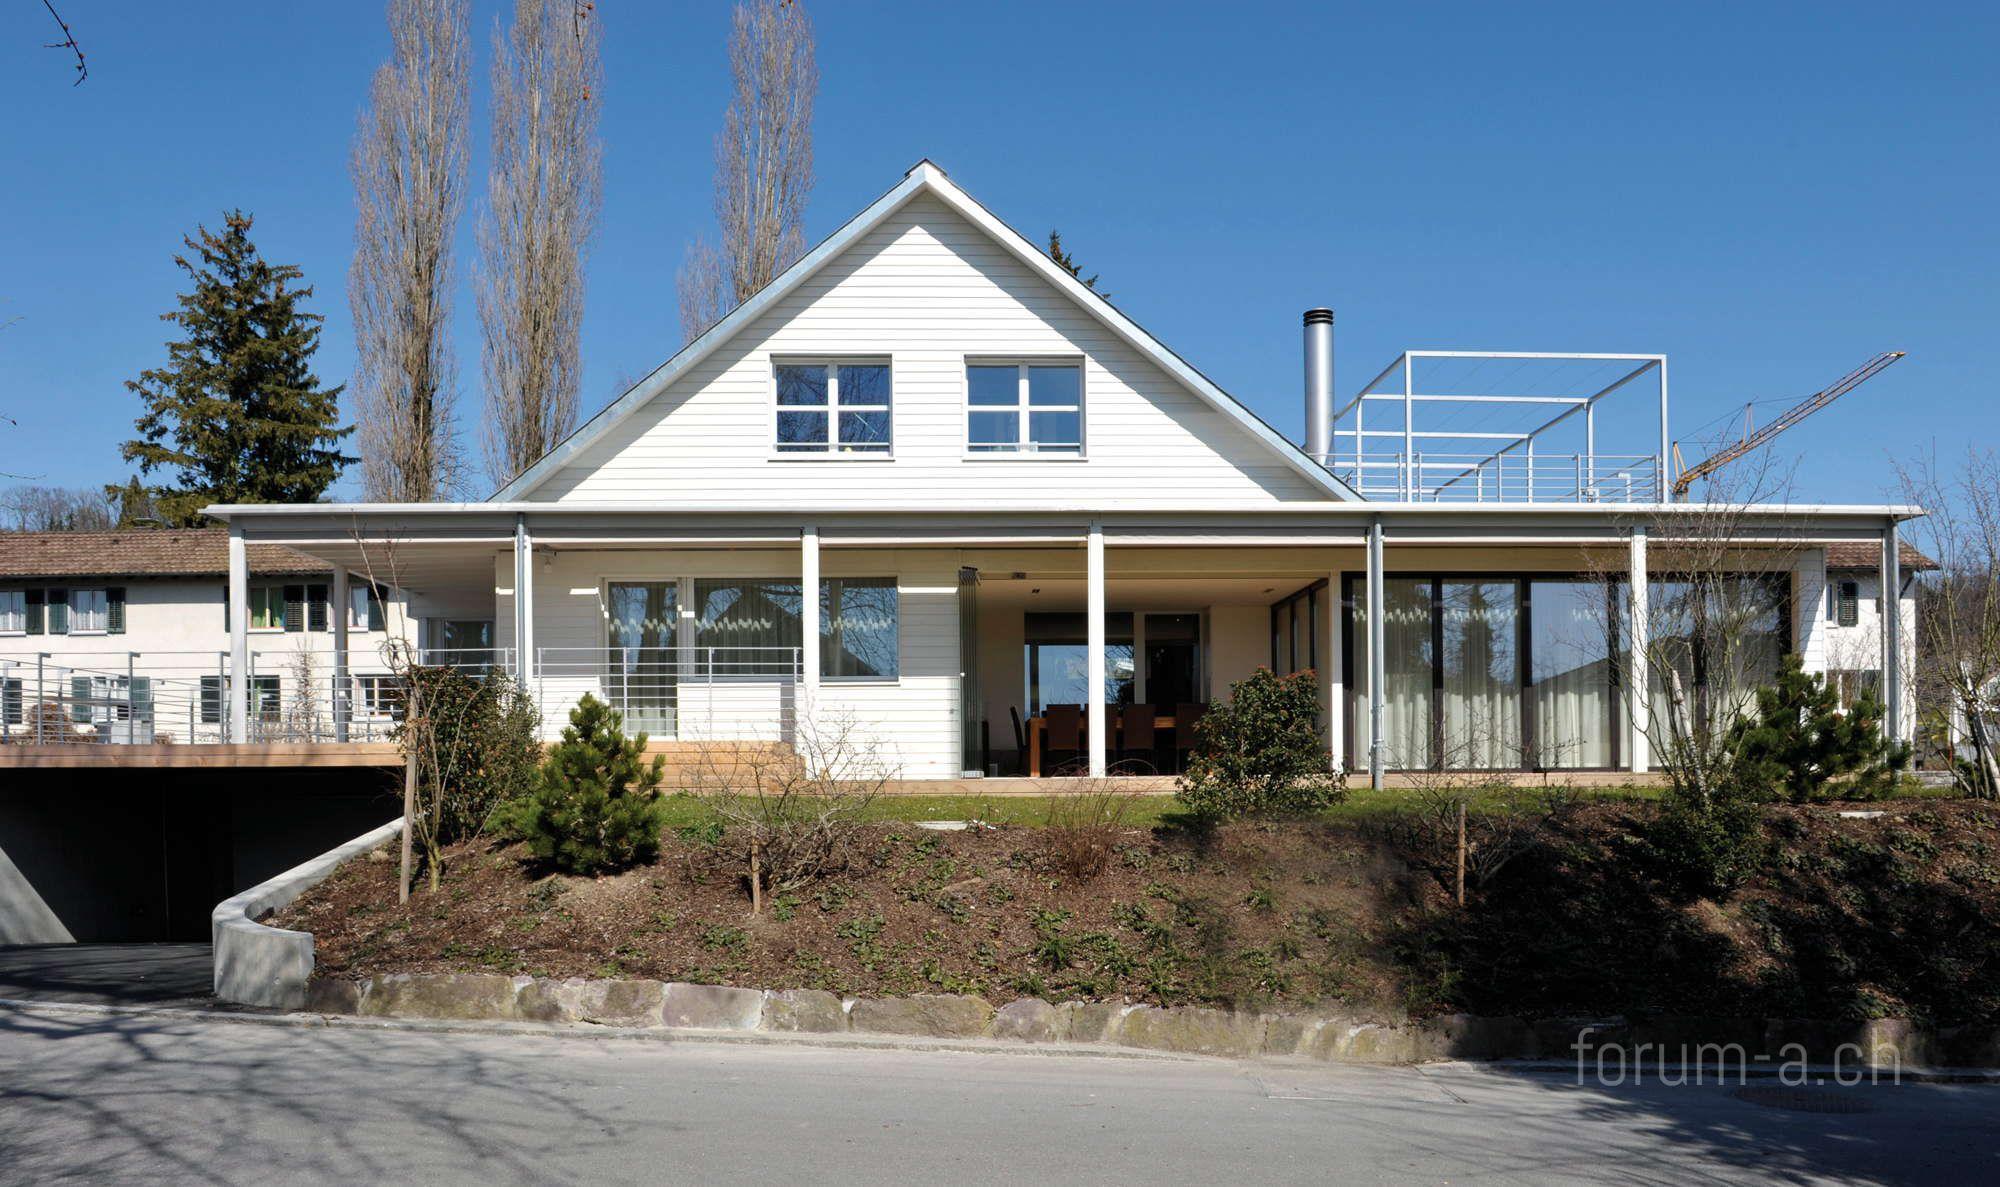 umbau und erweiterung einfamilienhaus in meilen forum a architektur baurealisierung. Black Bedroom Furniture Sets. Home Design Ideas